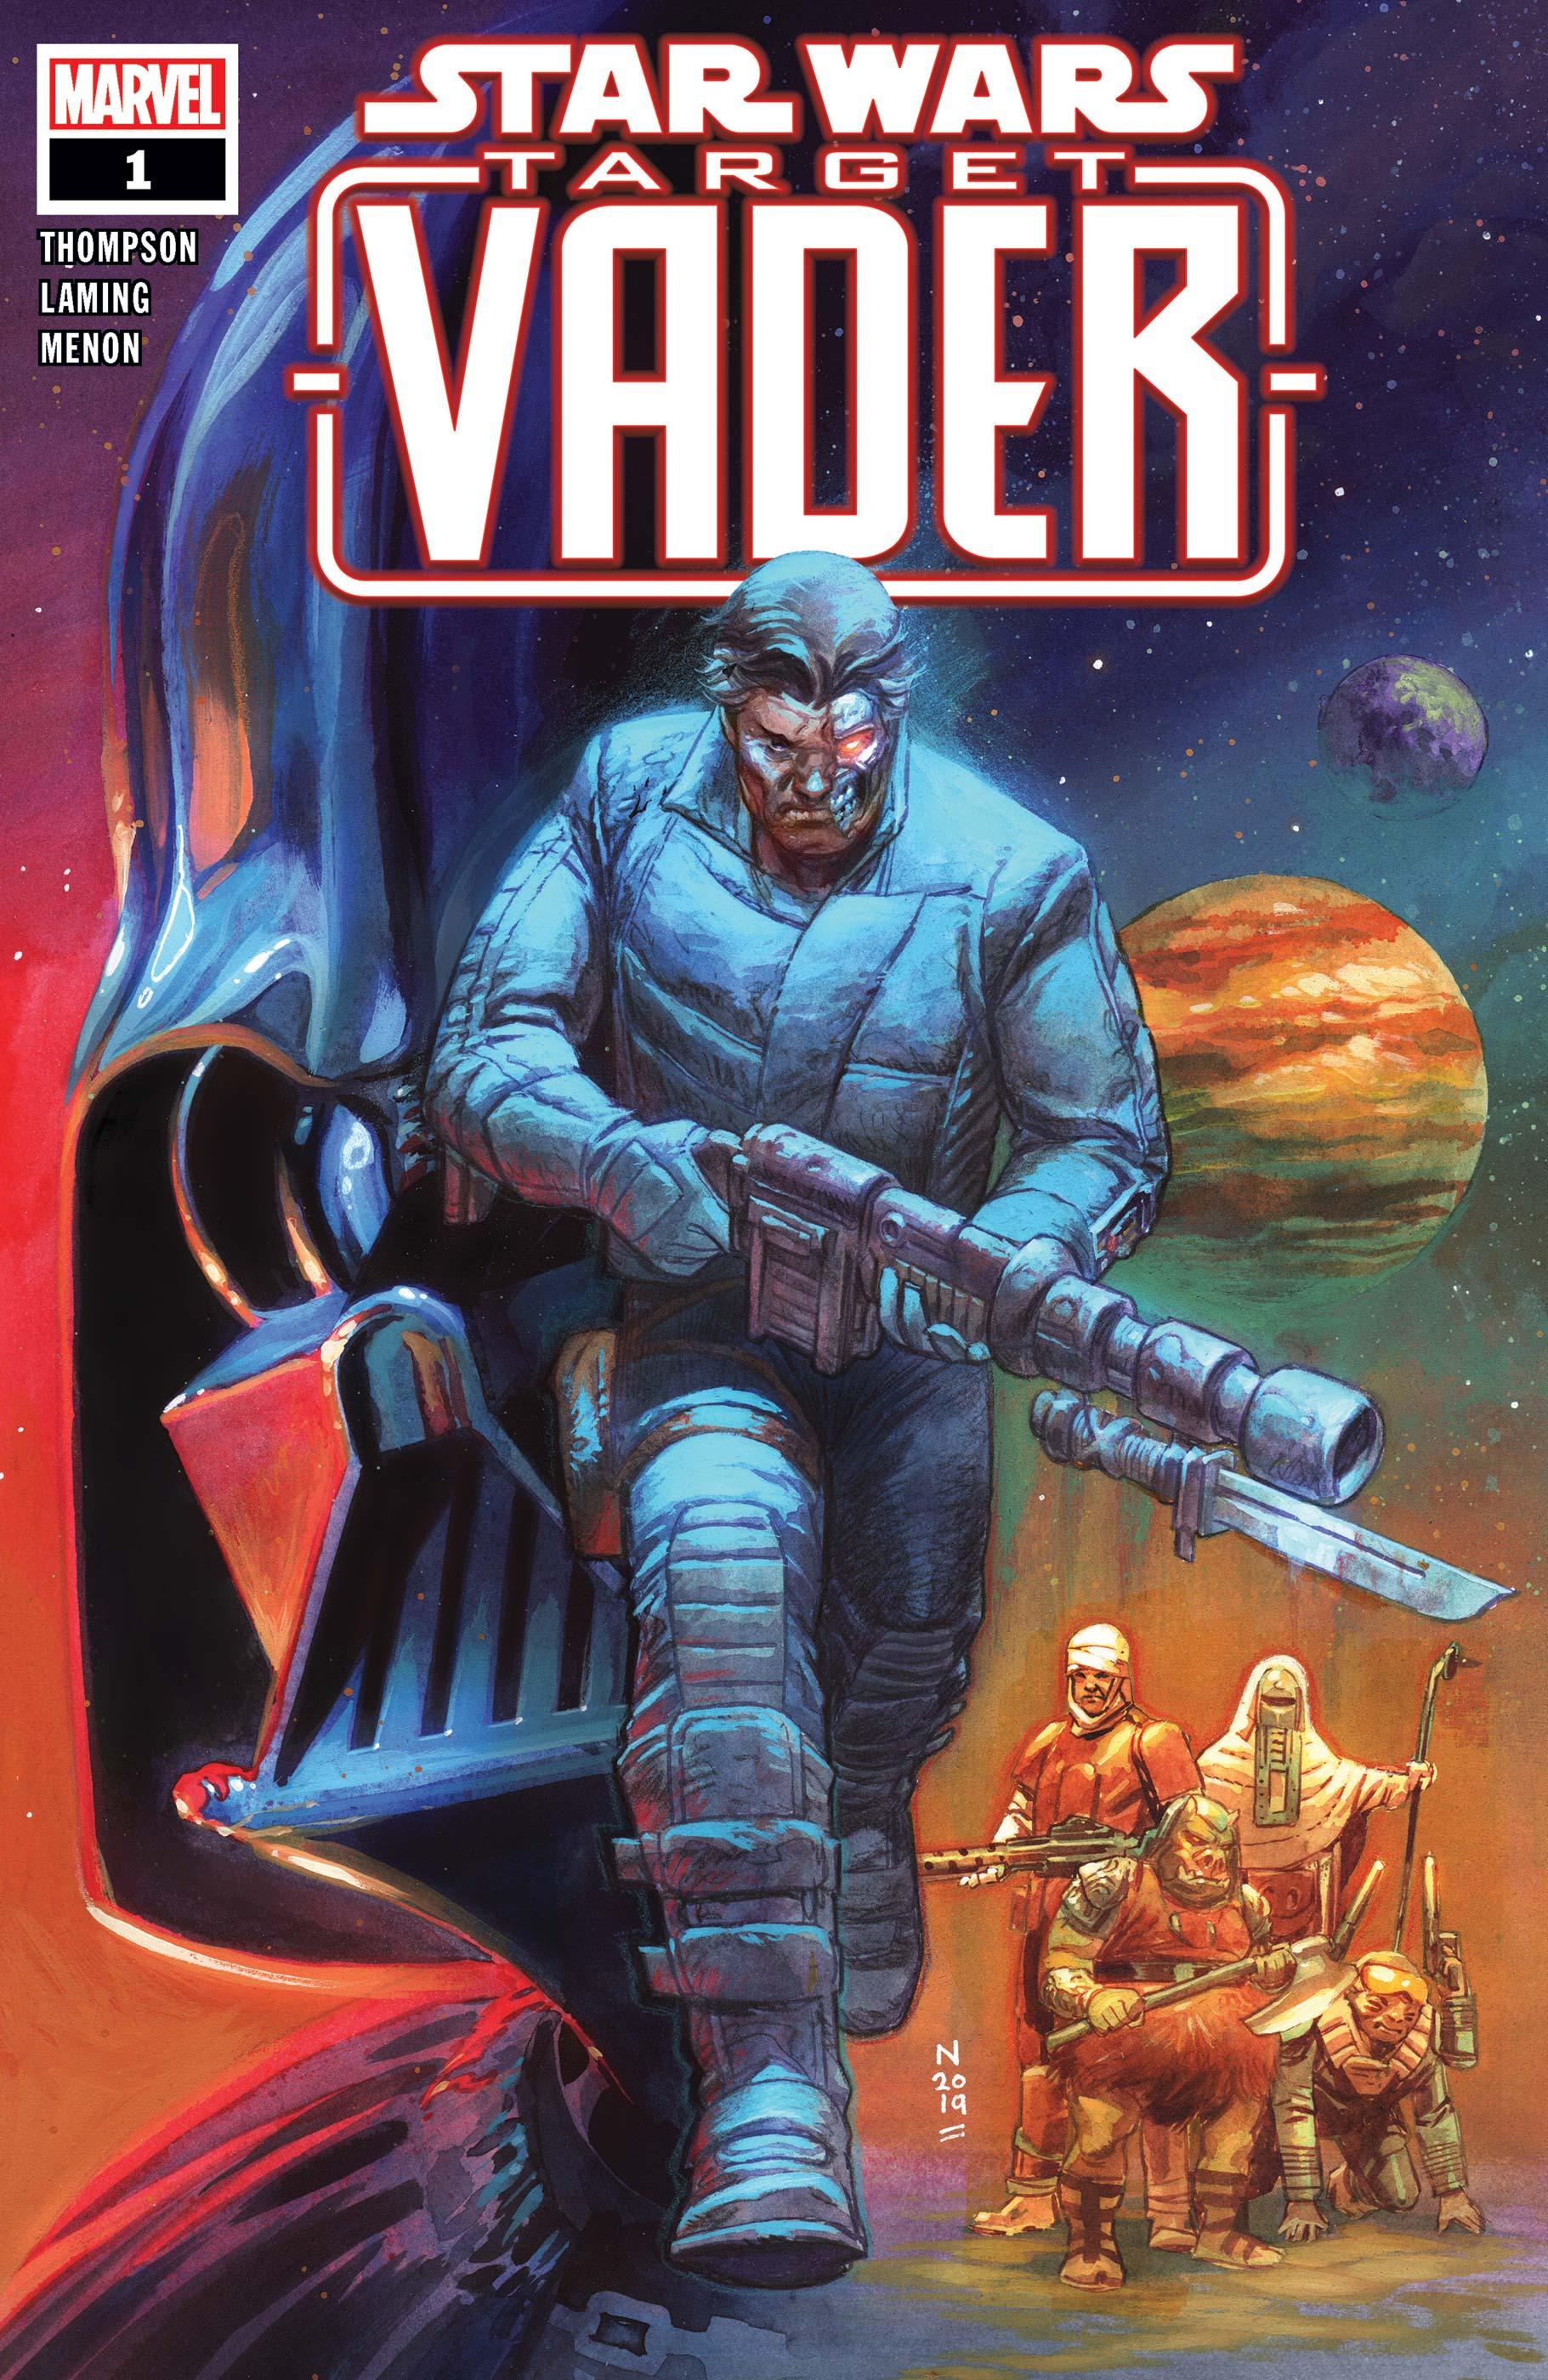 Star Wars: Target Vader (2019) #1